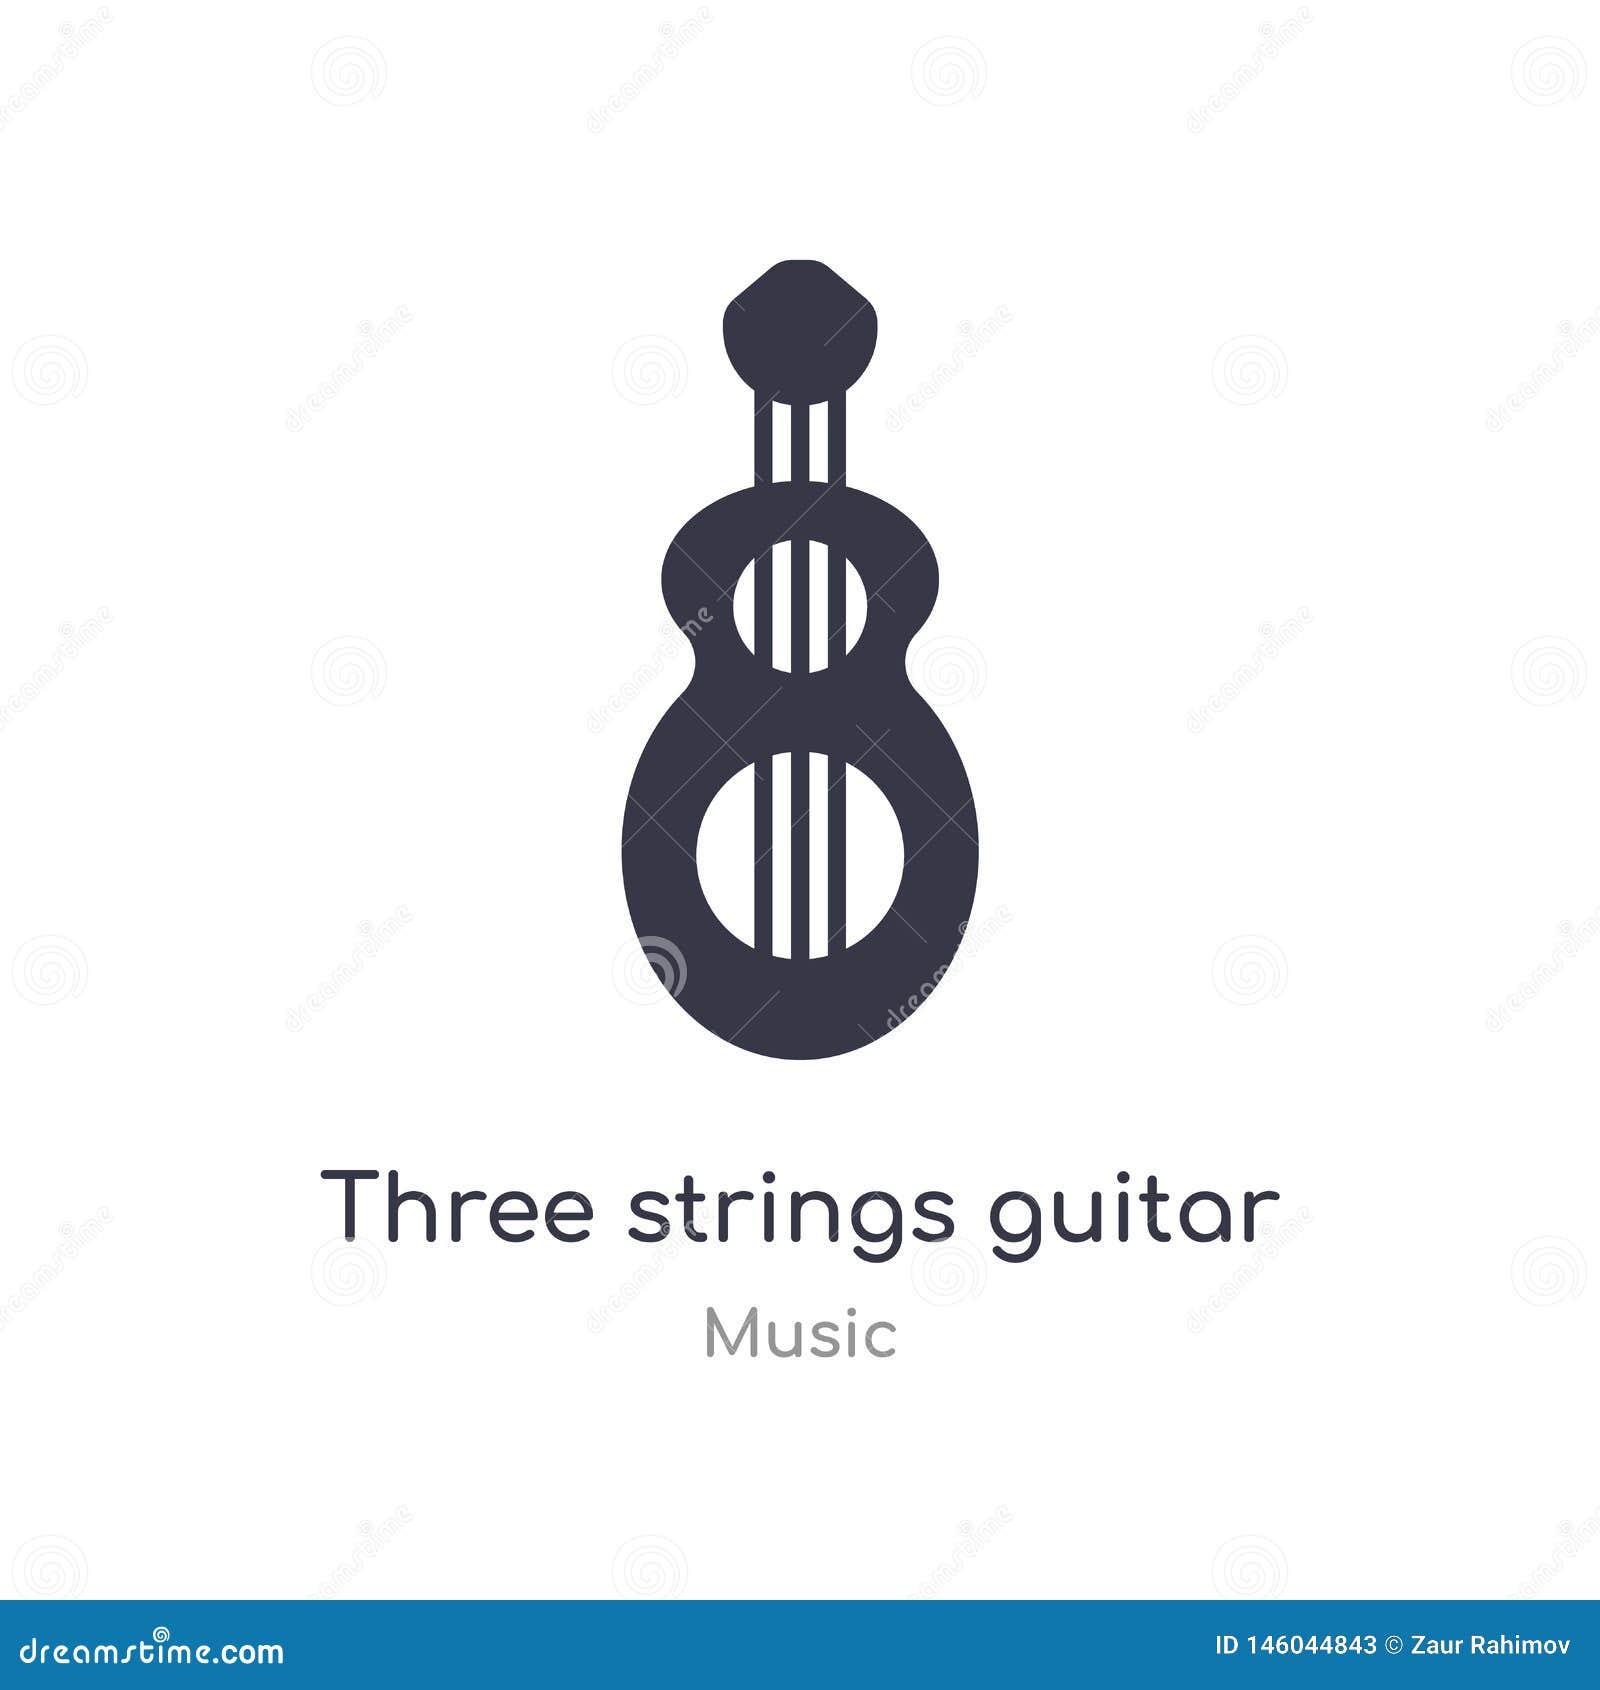 Icona del profilo della chitarra di tre corde linea isolata illustrazione di vettore dalla raccolta di musica corde sottili edita